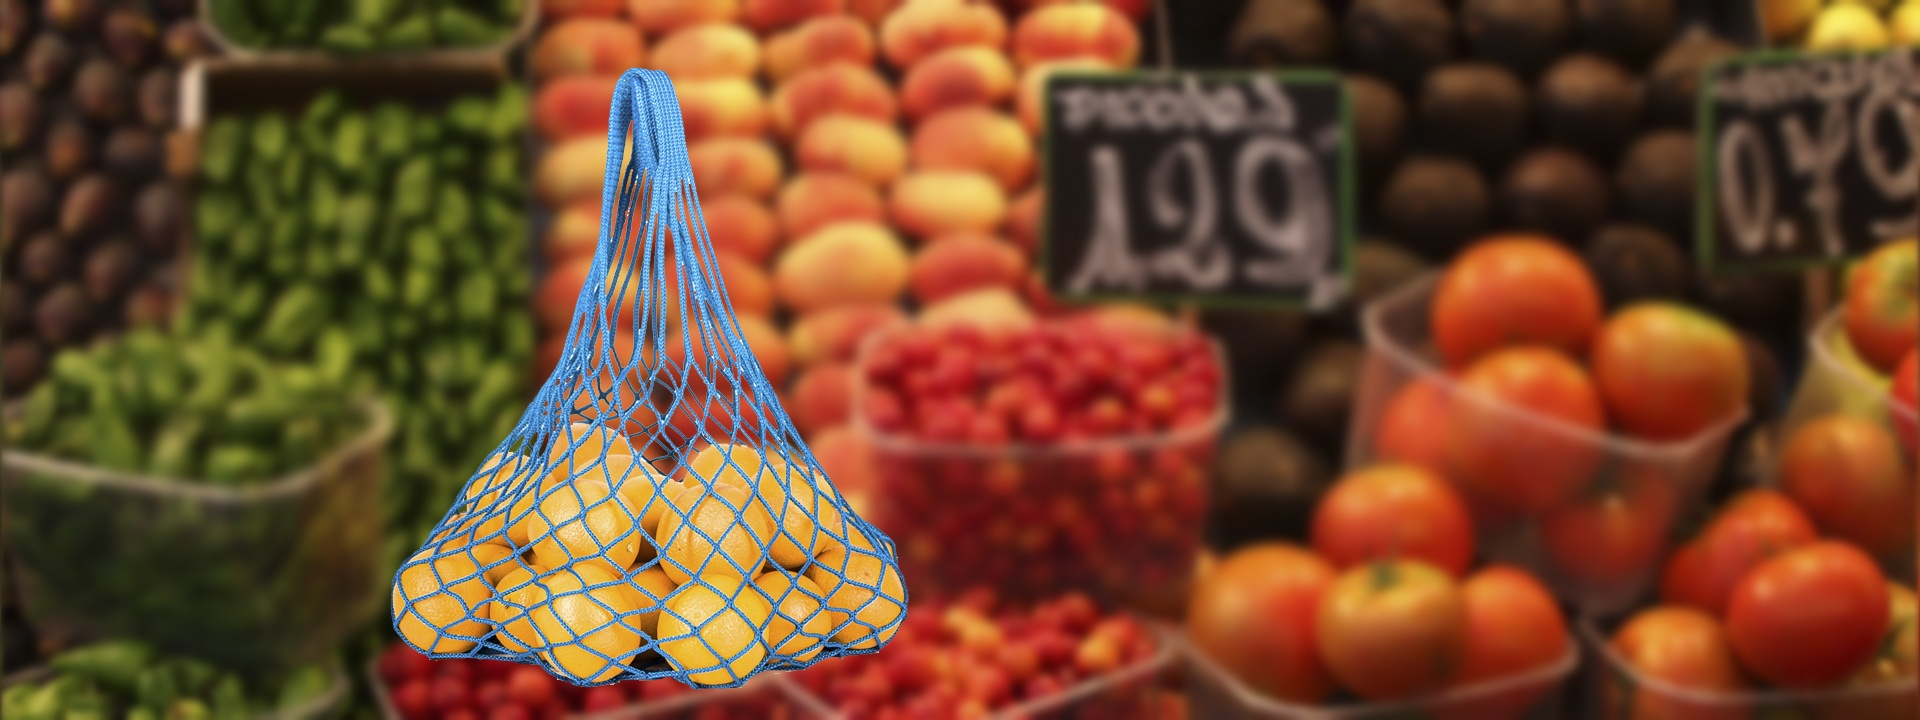 Авоська для переноса и хранения фруктов